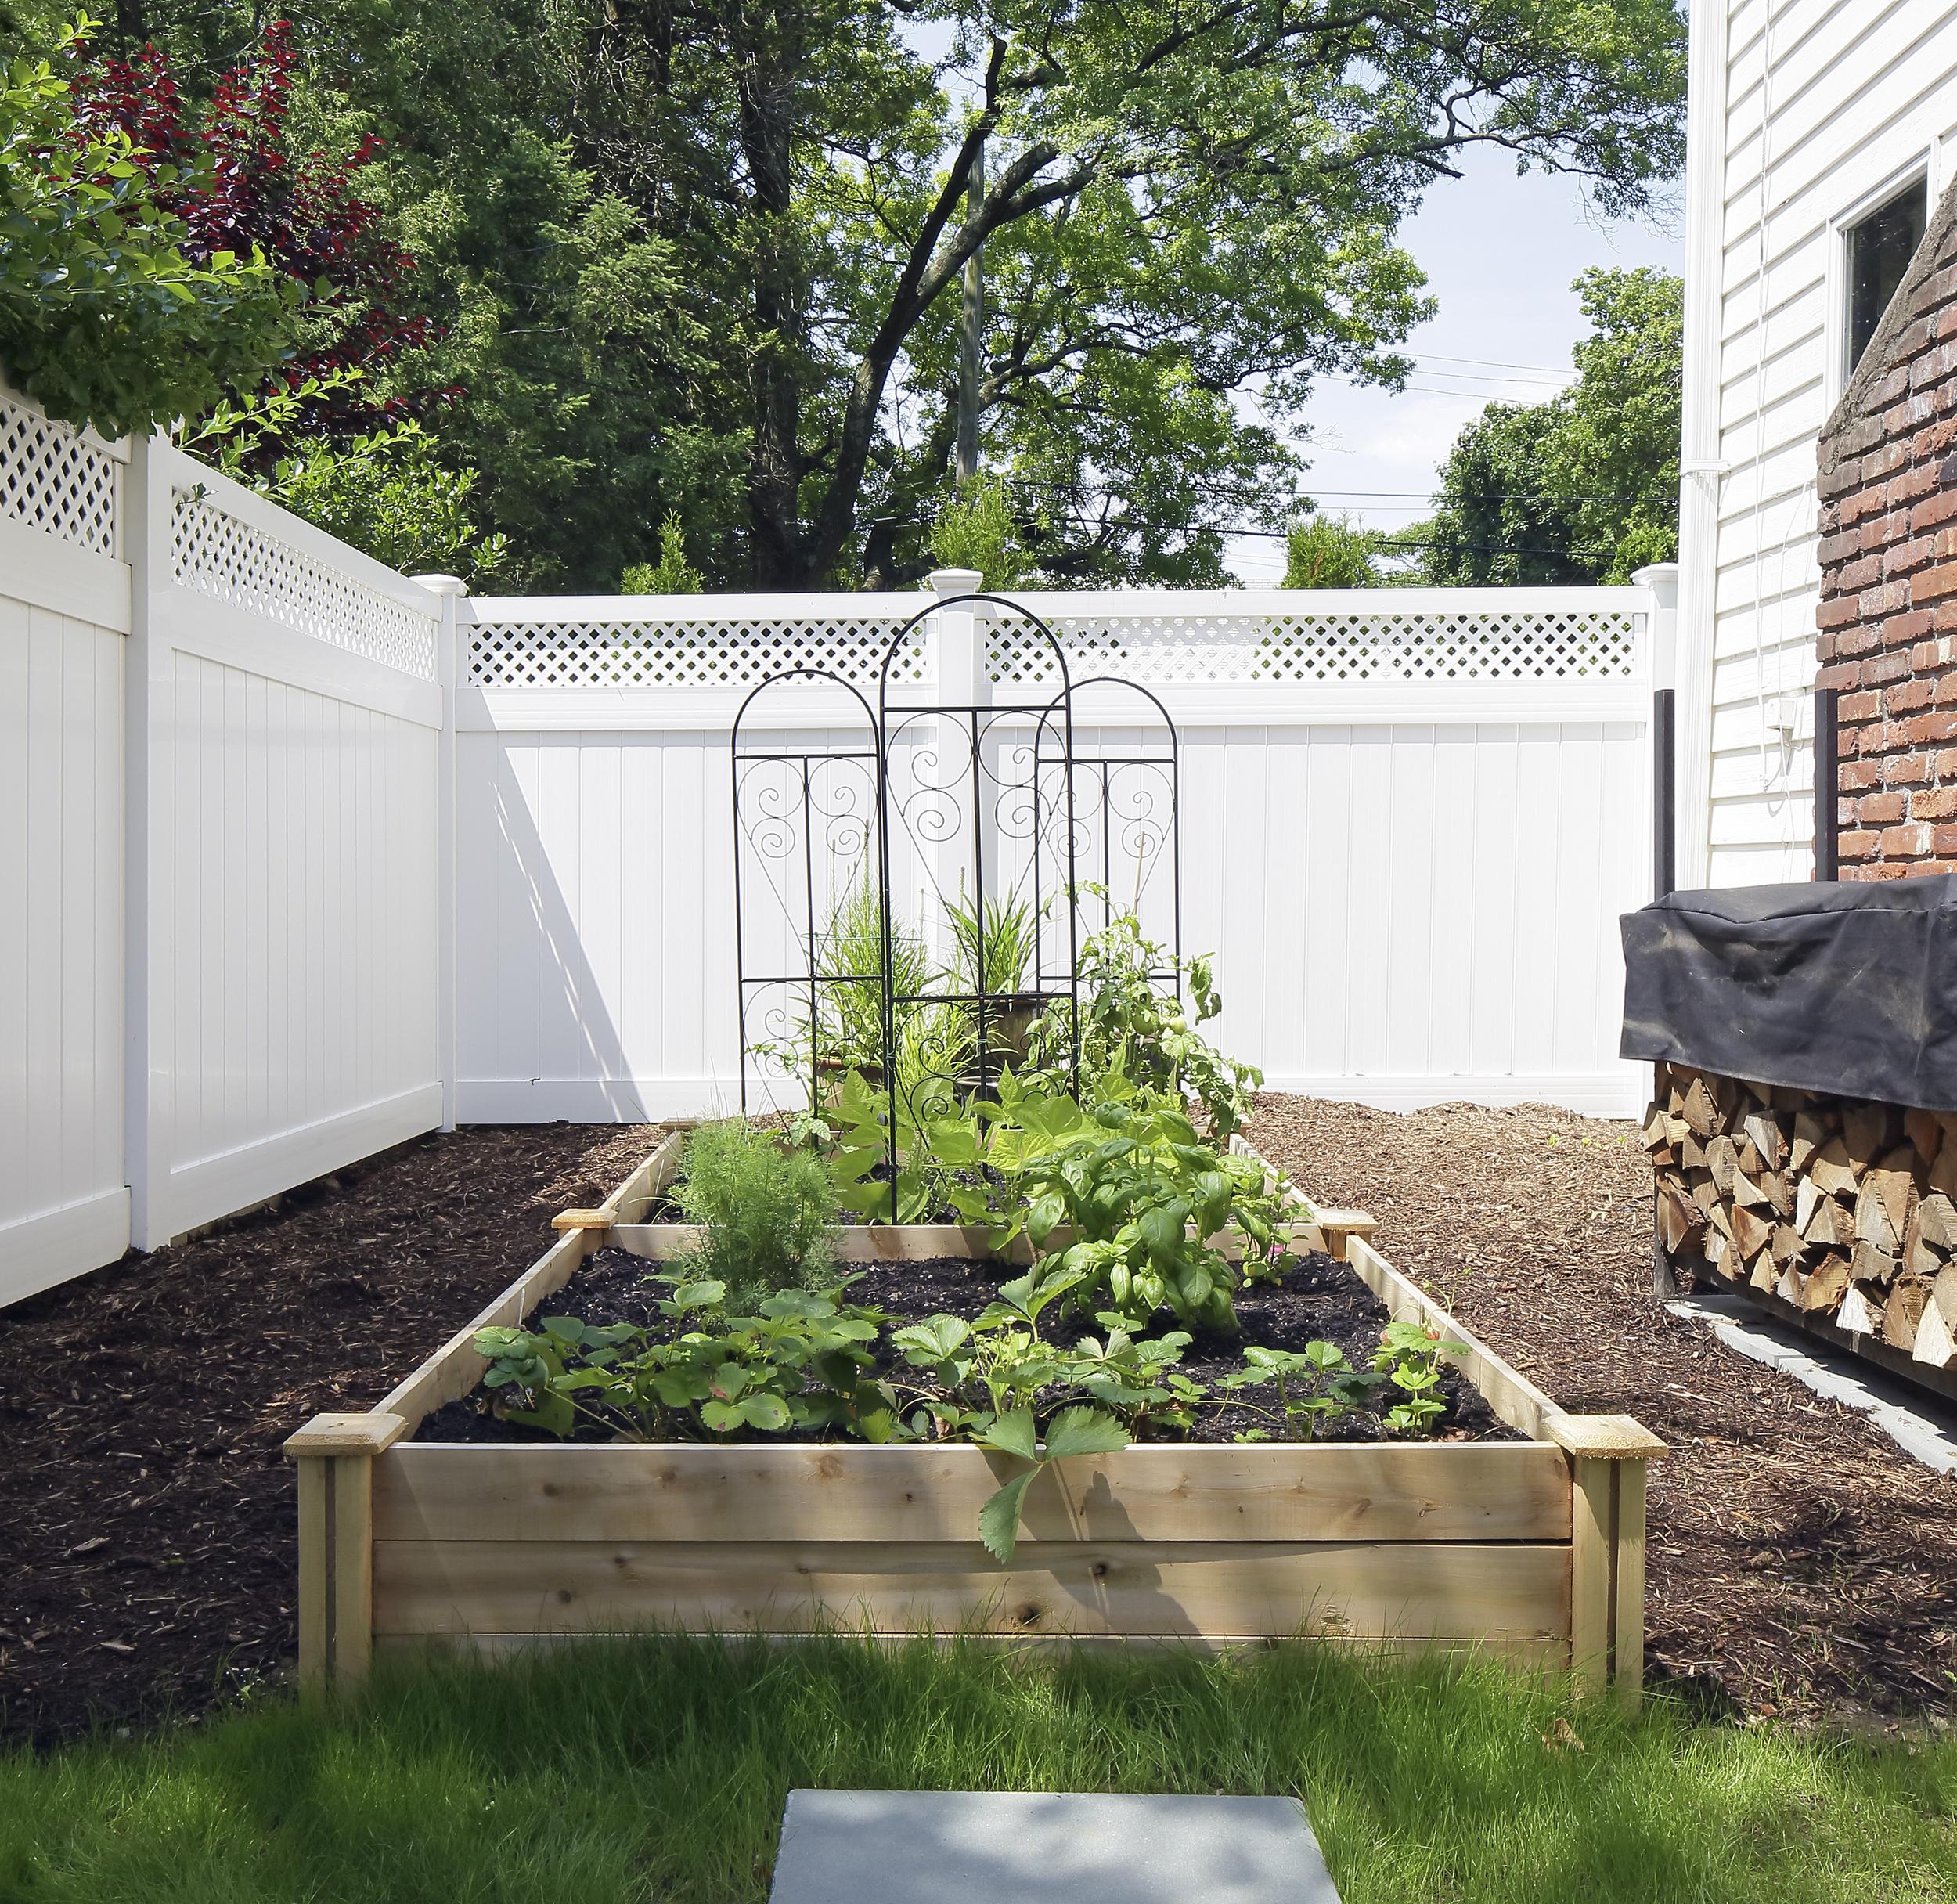 4-Growing-food-backyard-raised-beds.jpg